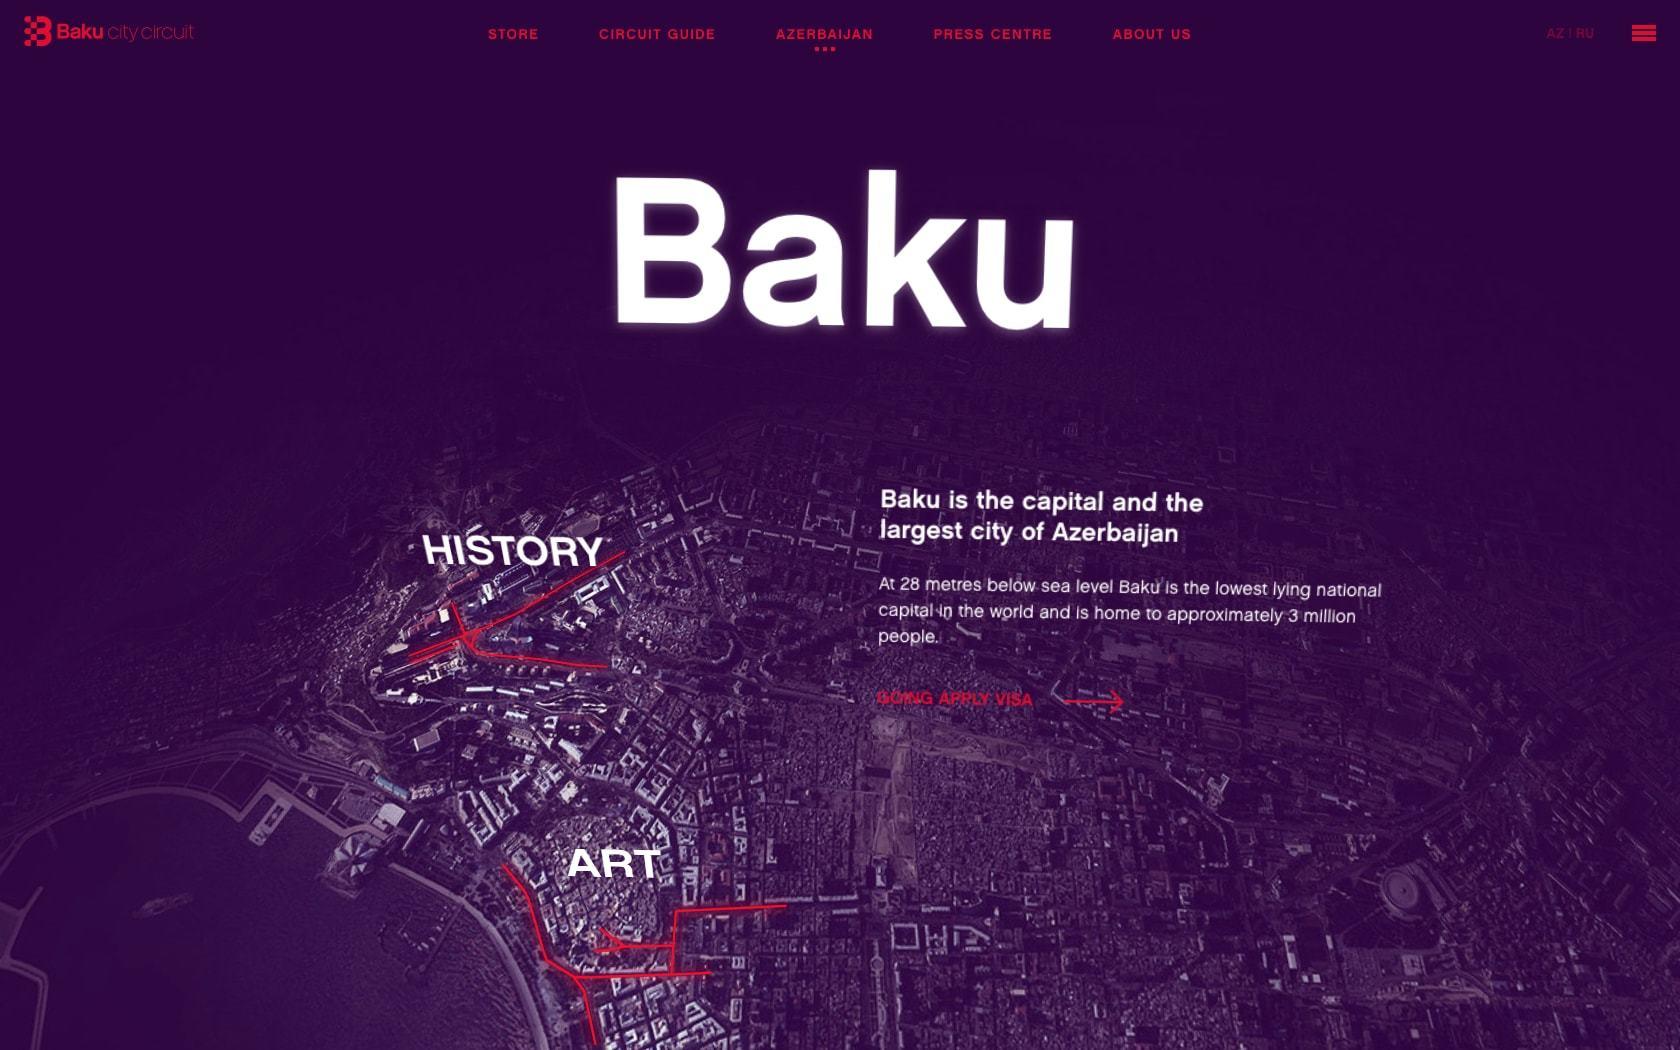 Bakucitycircuit 09